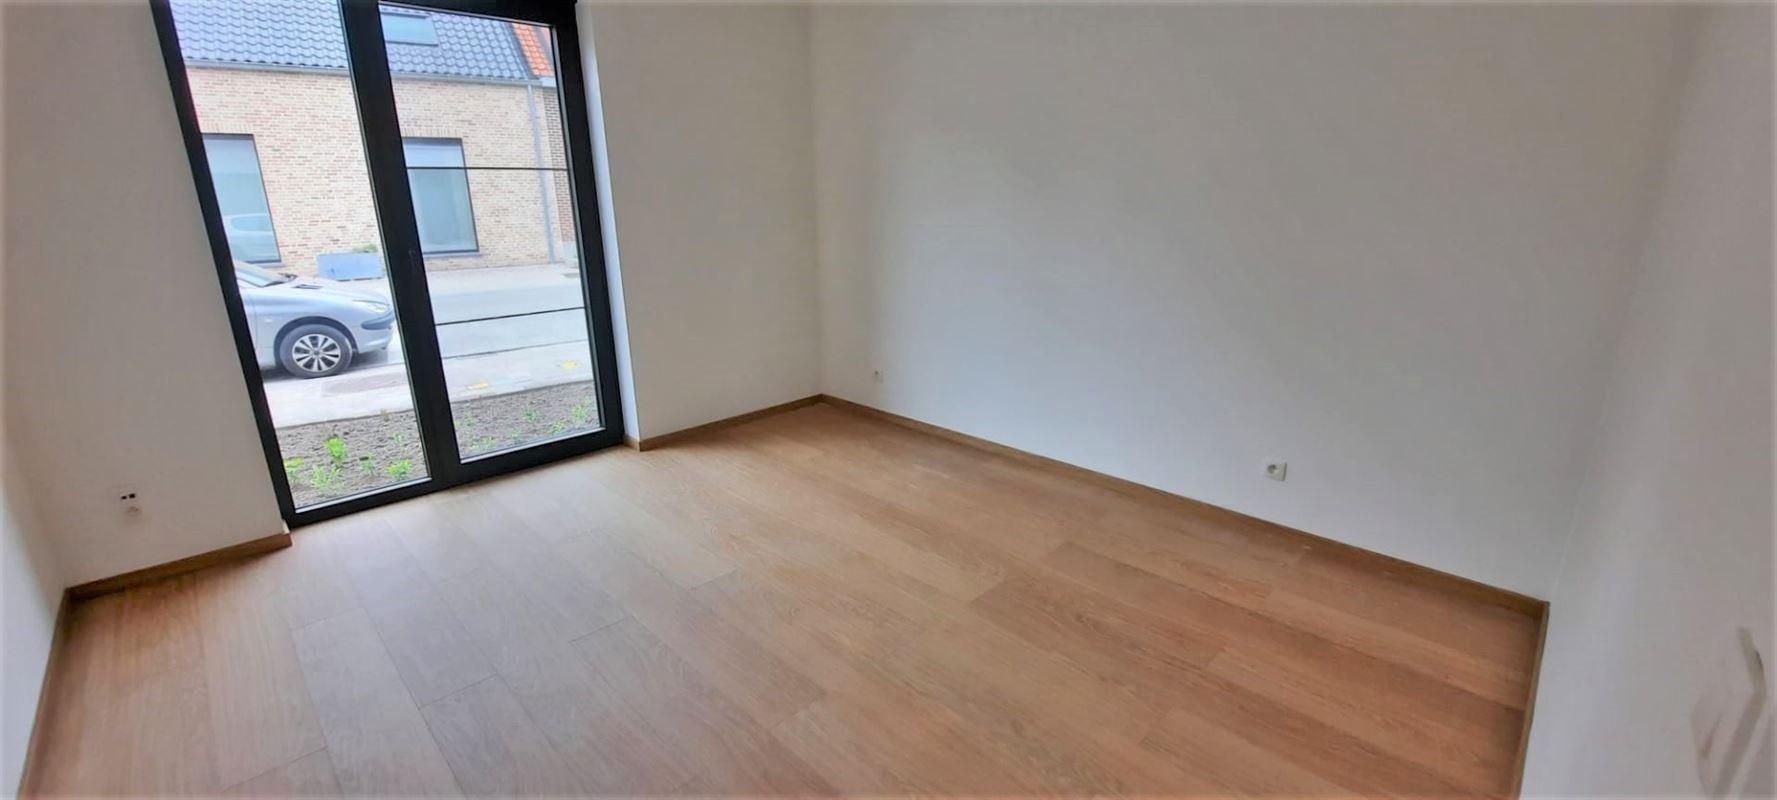 Foto 6 : Appartement te 2820 BONHEIDEN (België) - Prijs In optie